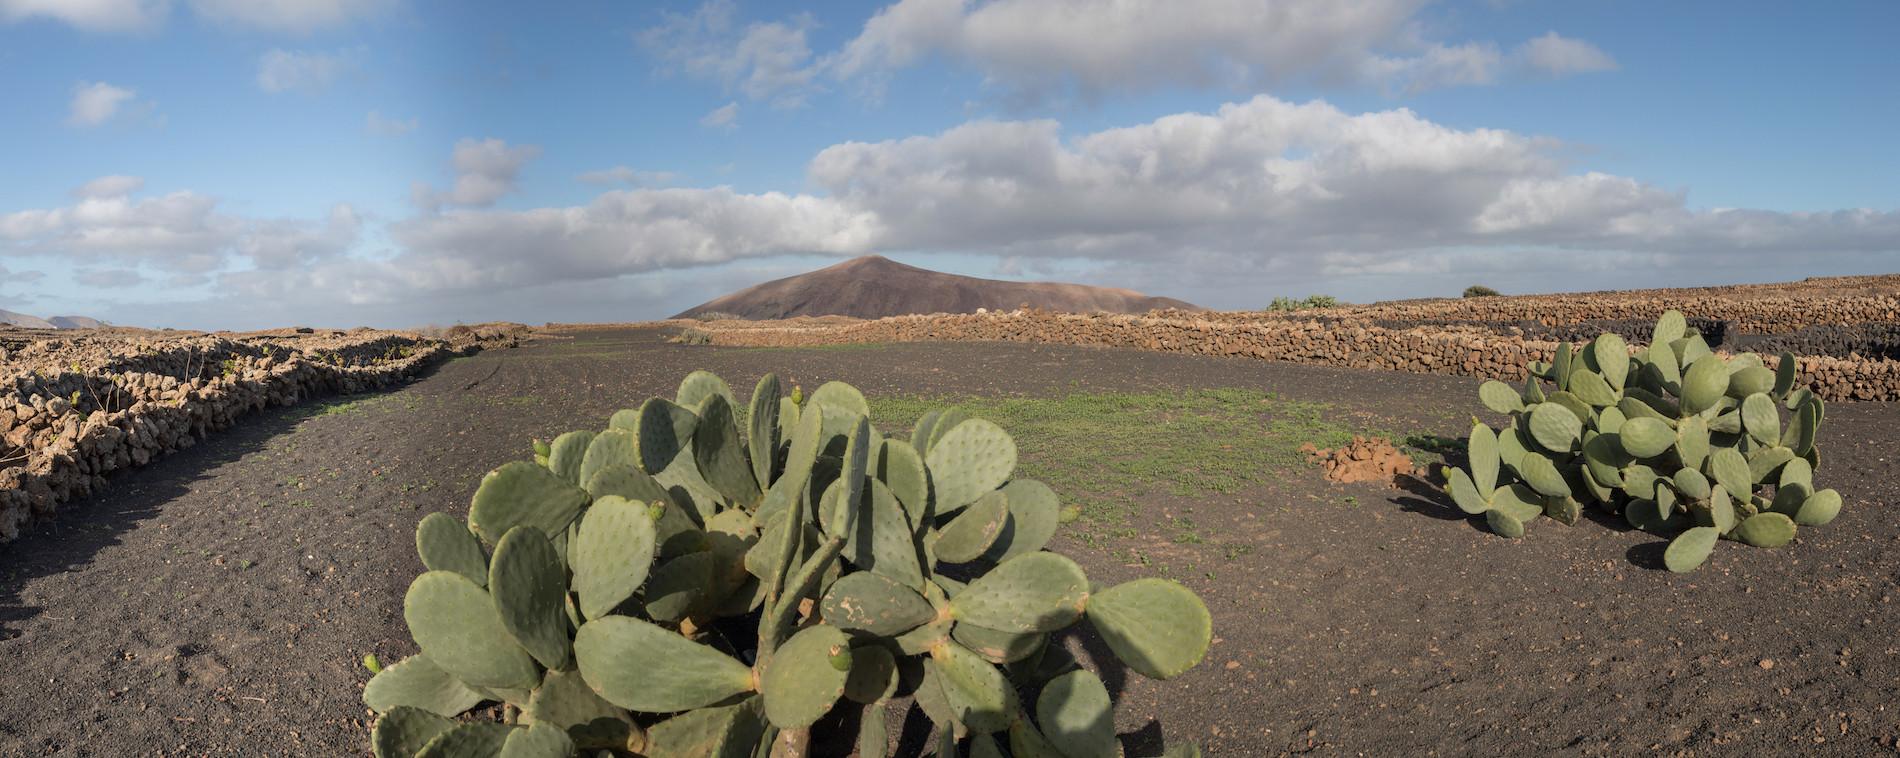 PHOTO Lanzarote Tinajo panoramique